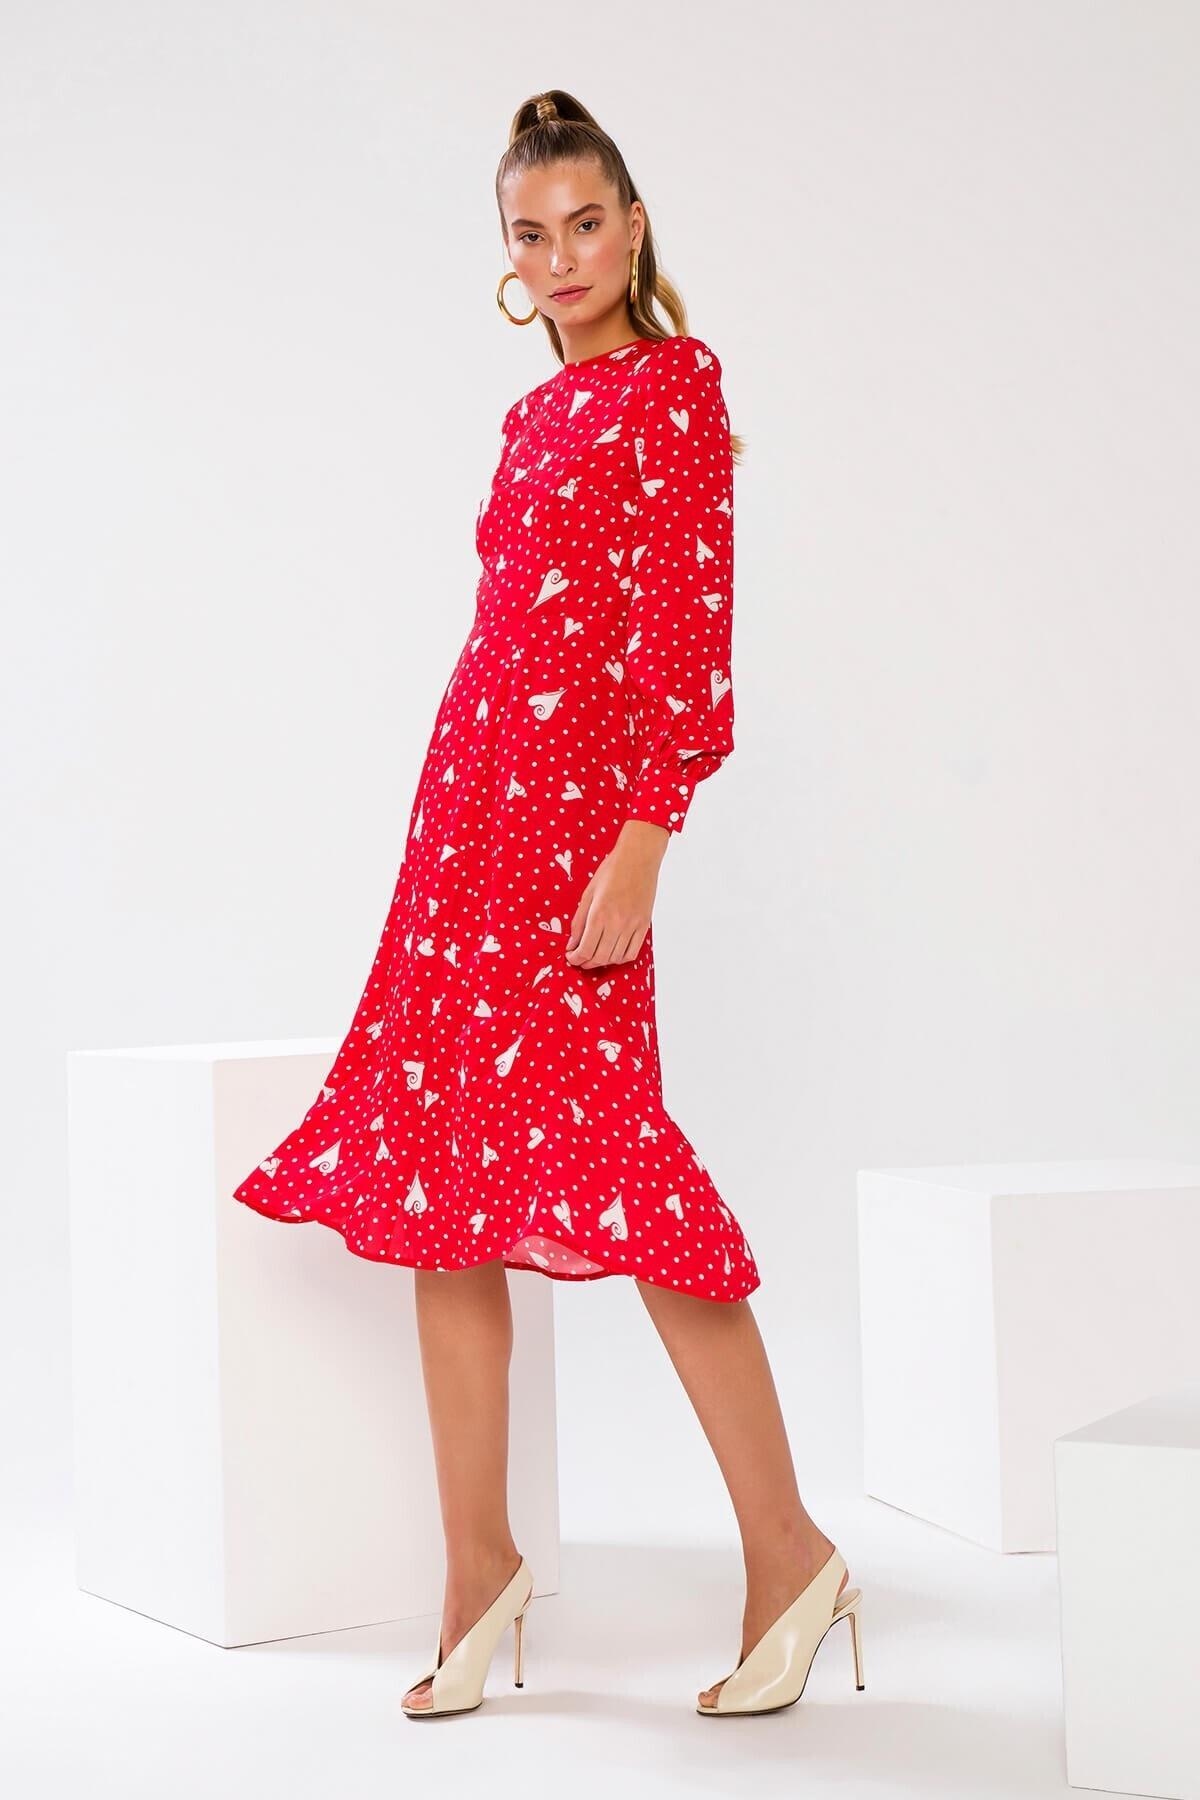 The Latest Thing Gıselle Kalp Desenli Sırtı Açık Elbise 2745952 4